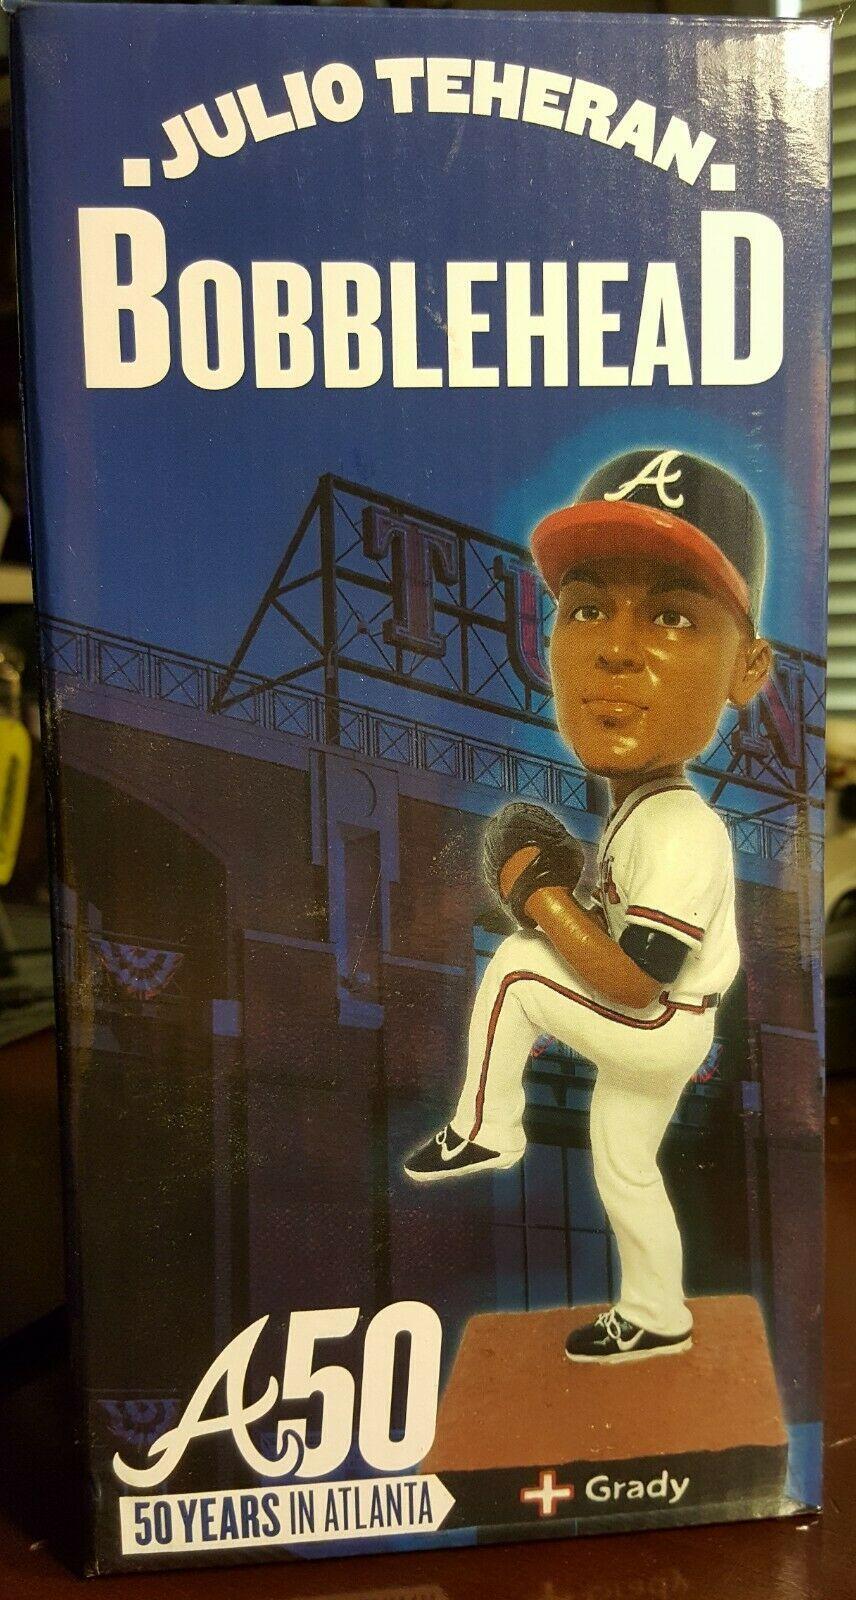 Julio Teheran Sga Bobblehead 9 10 2015 Atlanta Braves 50th Anniversary In Atl In 2020 Atlanta Braves Bobble Head Braves